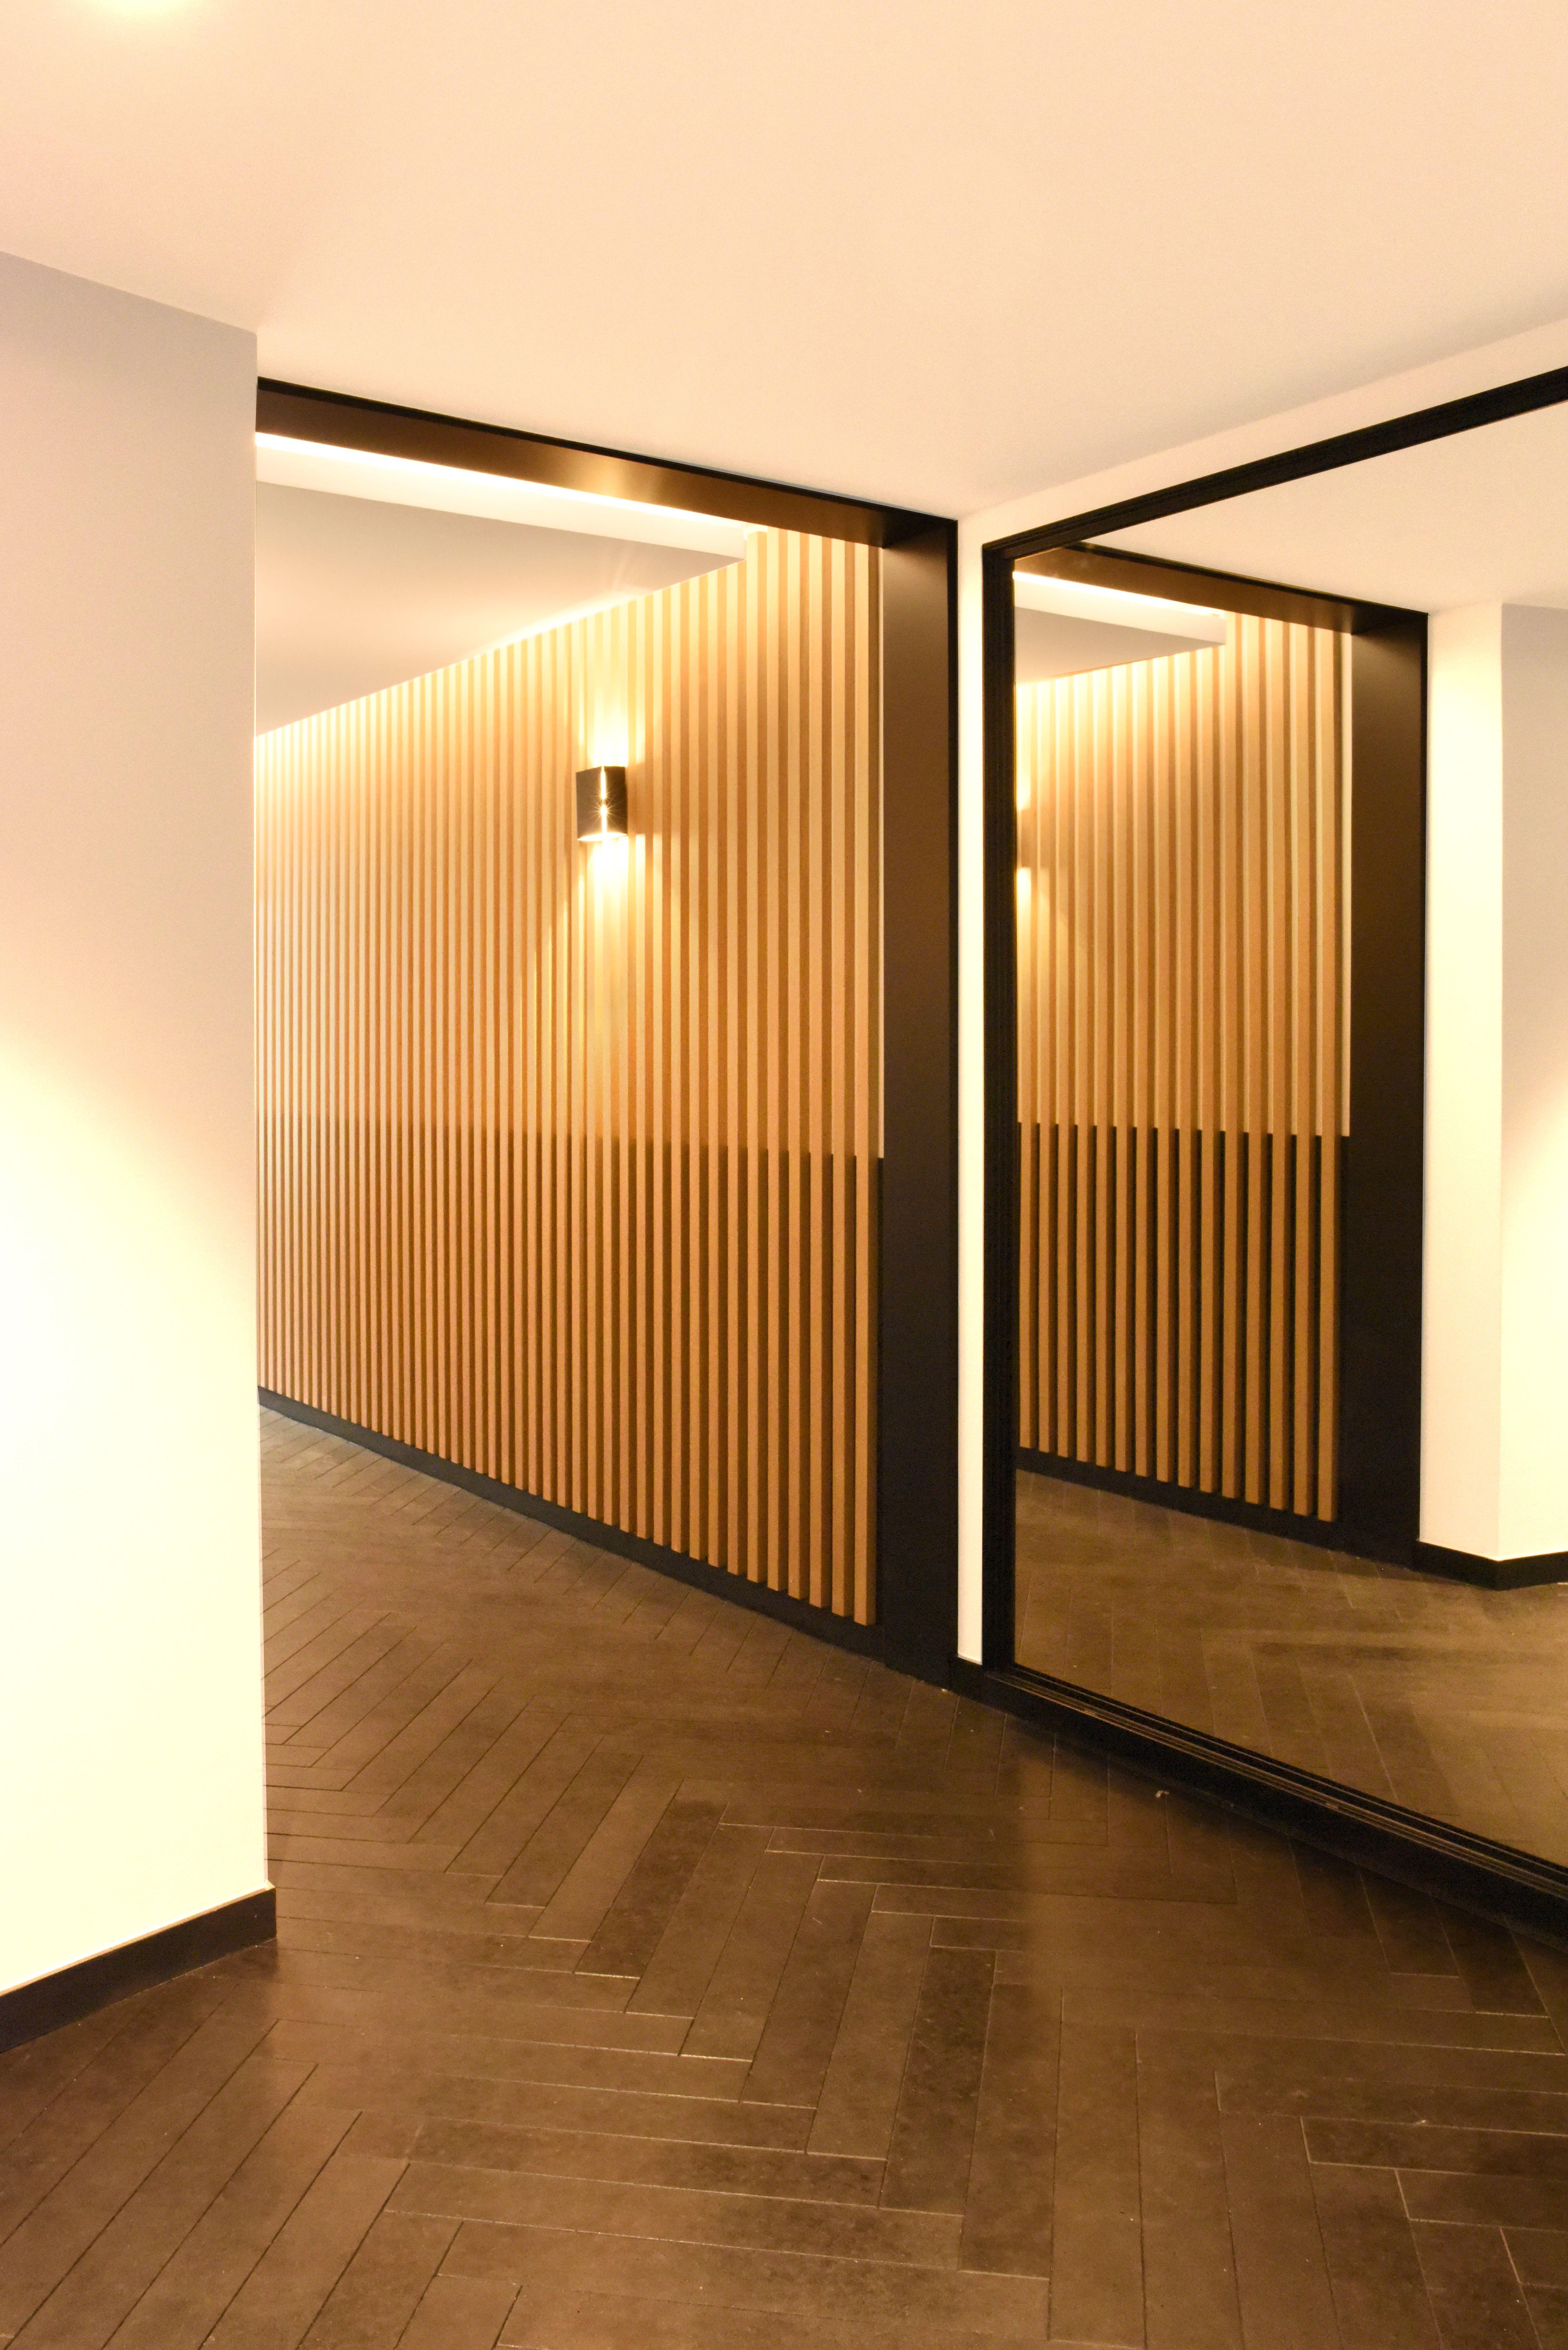 Reamenagement De Bureaux A Rueil Malmaison Architecture Interieure Elisabeth Leviandier Architecte Interieur Interieur Architecture Interieure